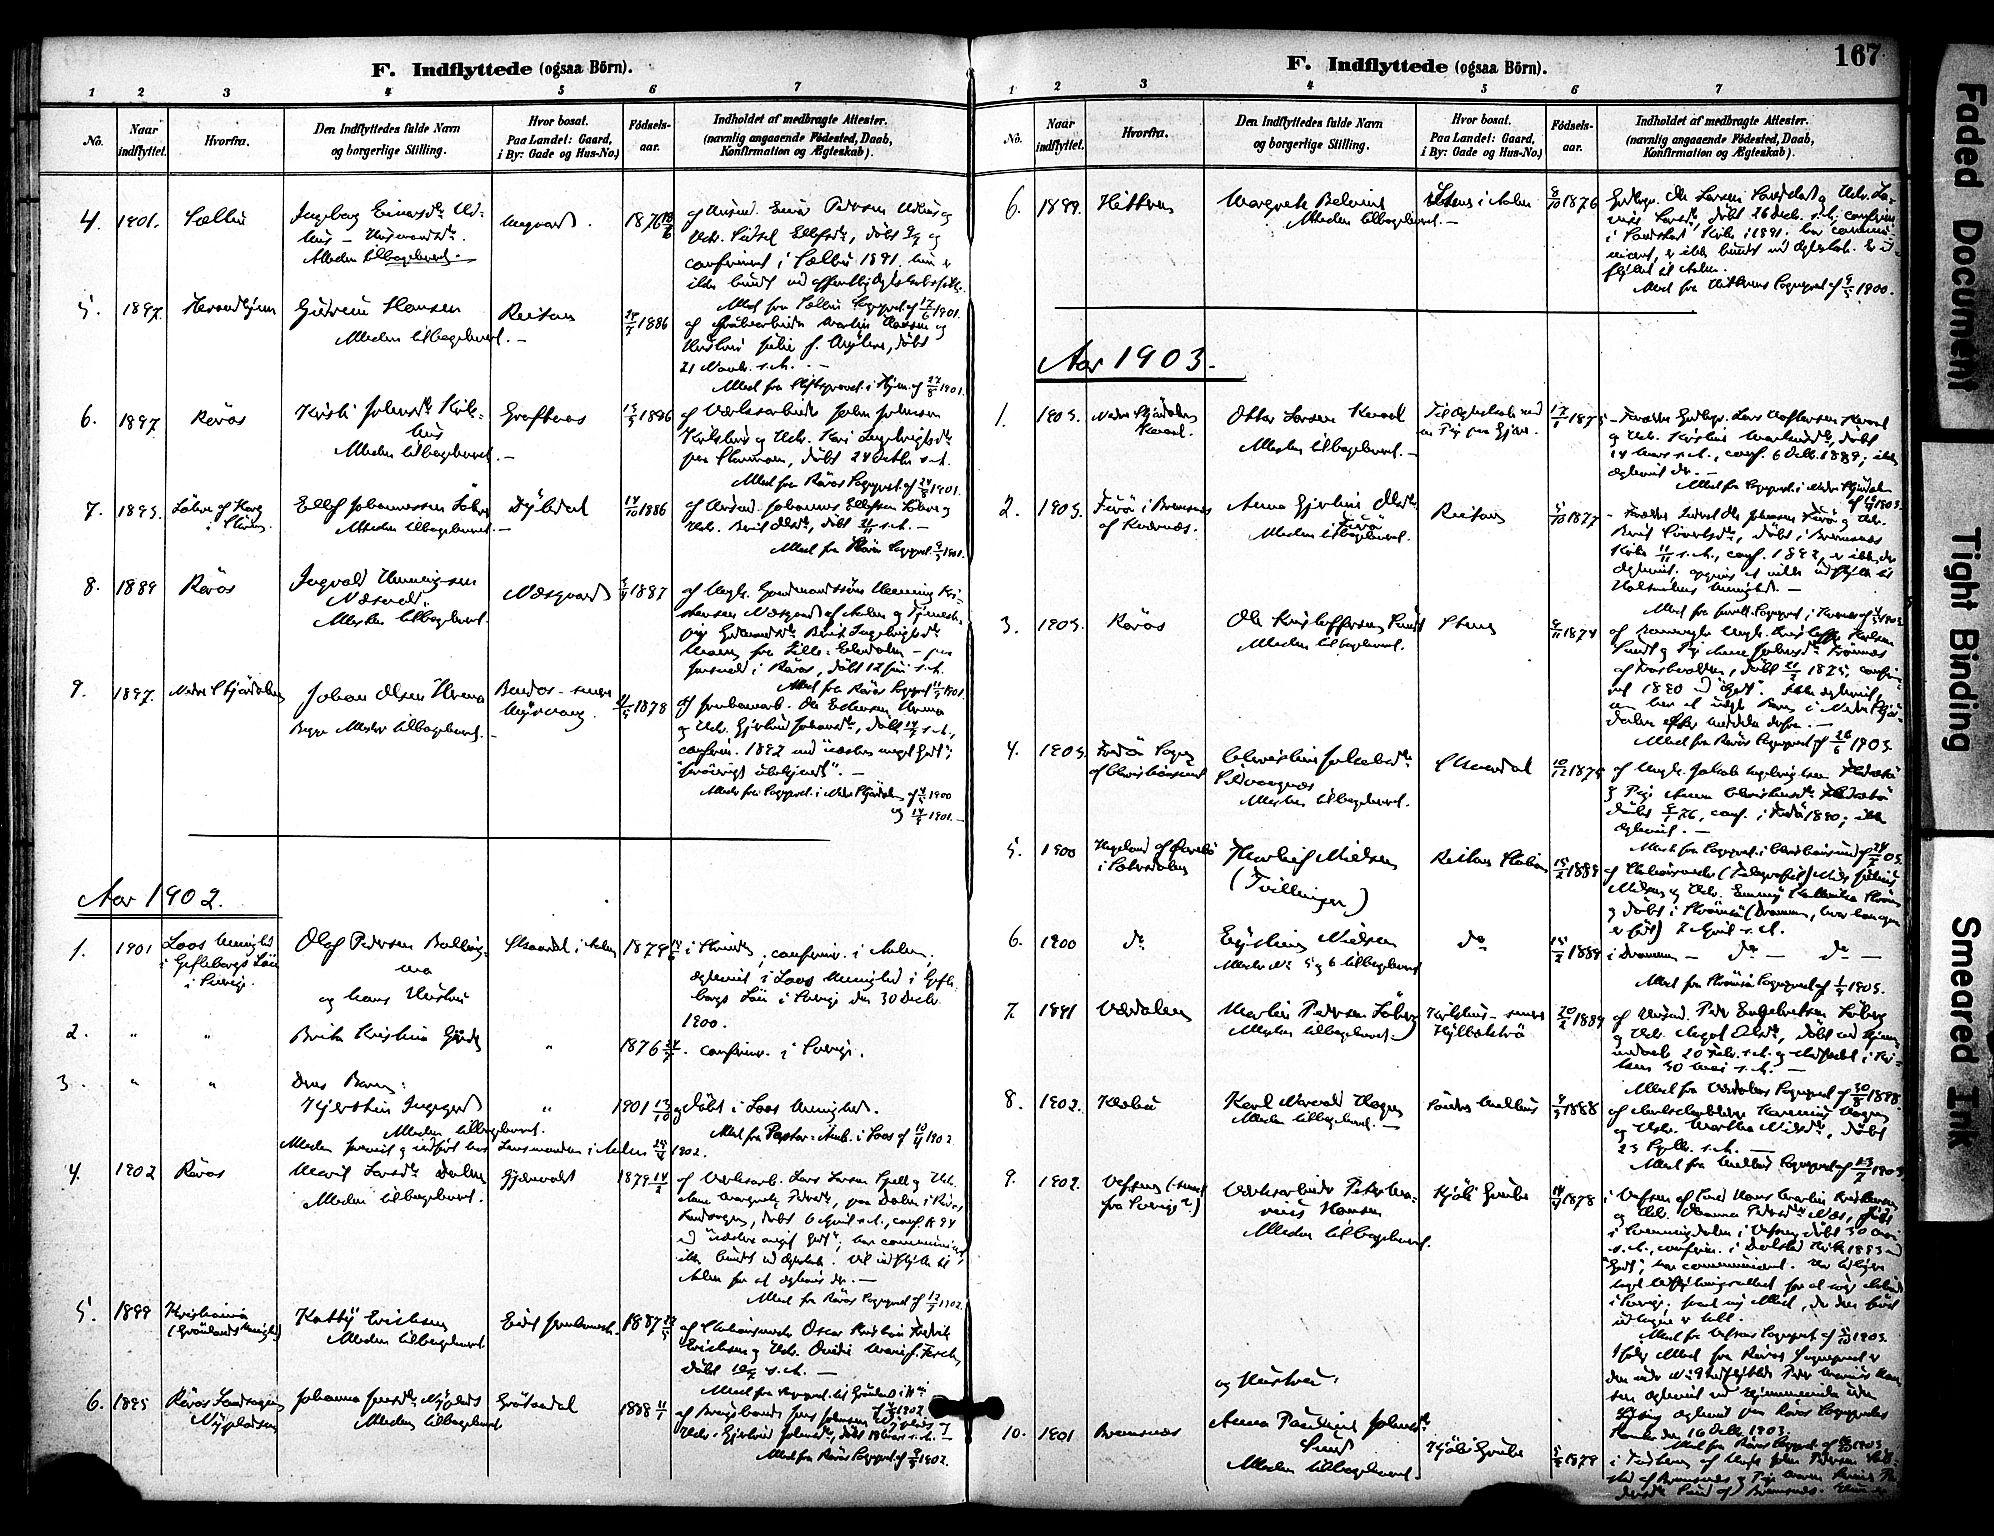 SAT, Ministerialprotokoller, klokkerbøker og fødselsregistre - Sør-Trøndelag, 686/L0984: Ministerialbok nr. 686A02, 1891-1906, s. 167